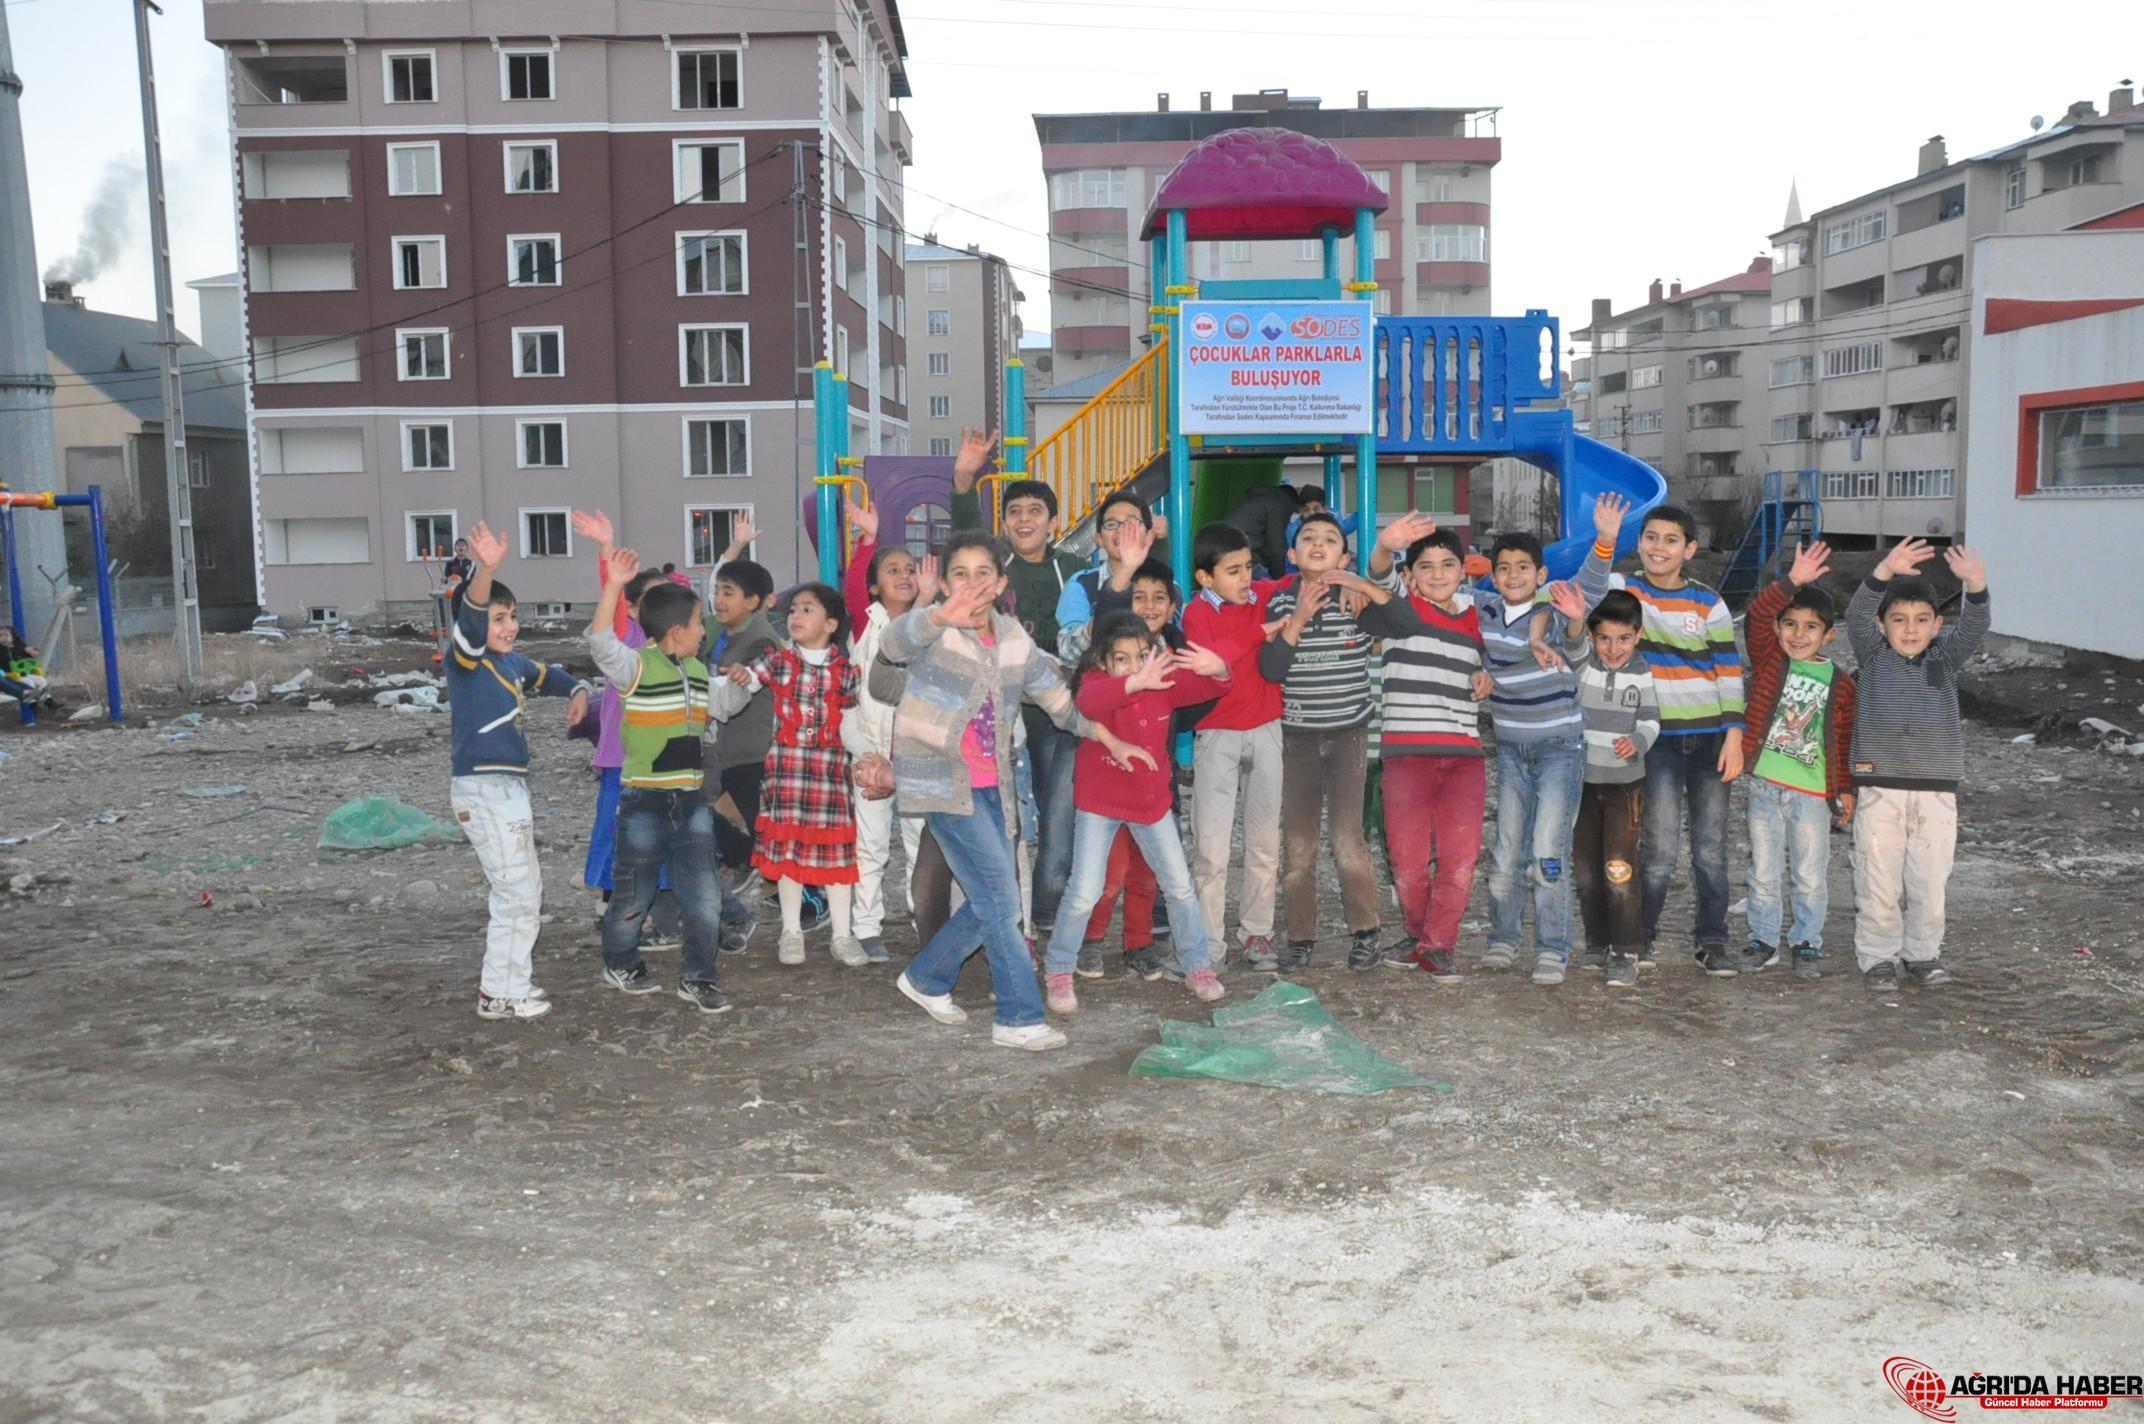 Ağrı Belediyesi Çocukları Parklarla Buluşturdu